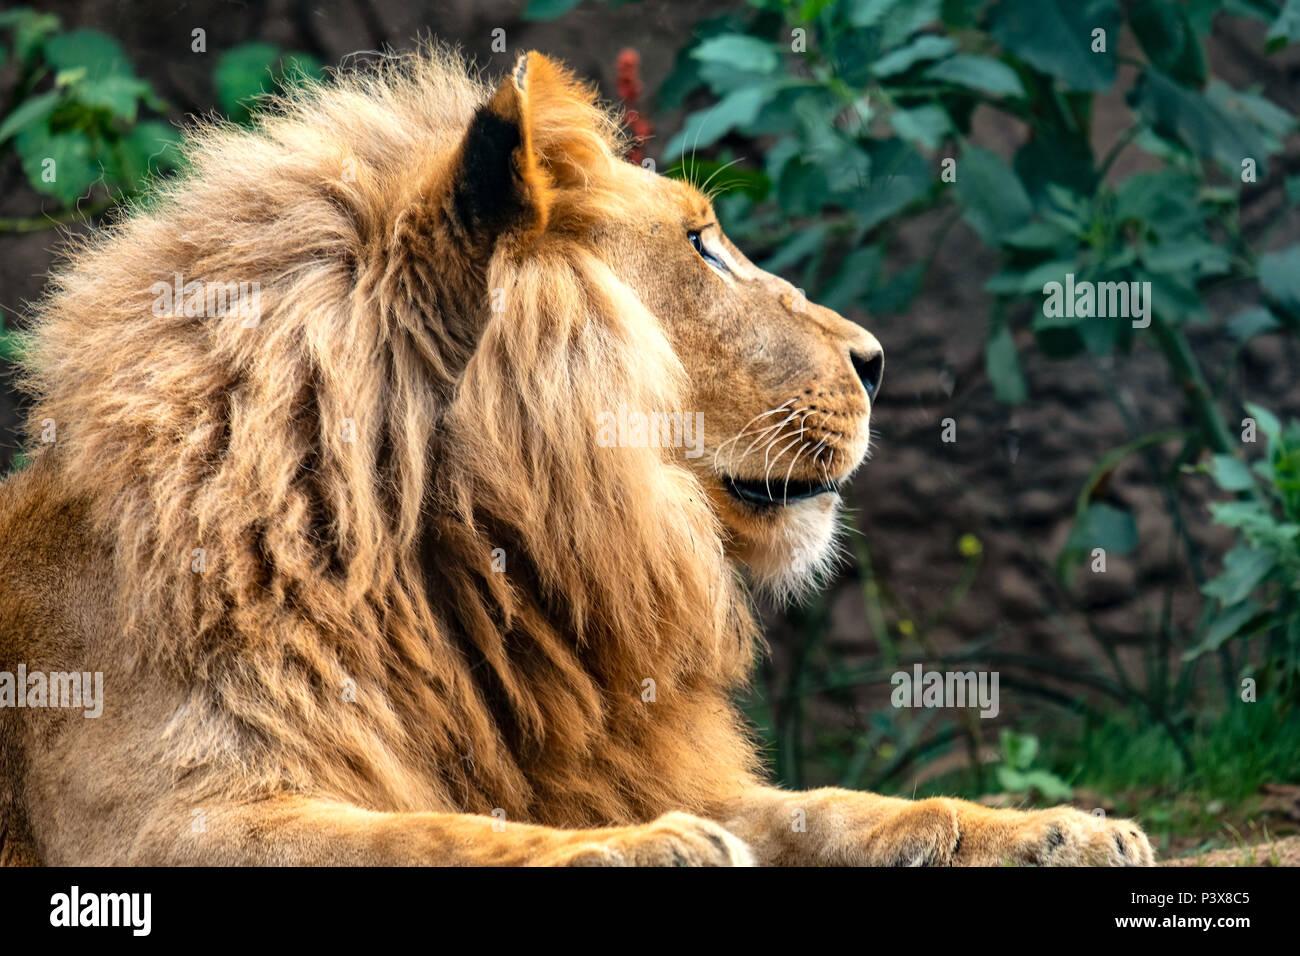 Un magnifico lion maschio ha fatto di sé e confortevole si trova in ombra sotto un albero. Era pieno e soddisfatto, così ho potuto avvicinare molto vicino. Immagini Stock